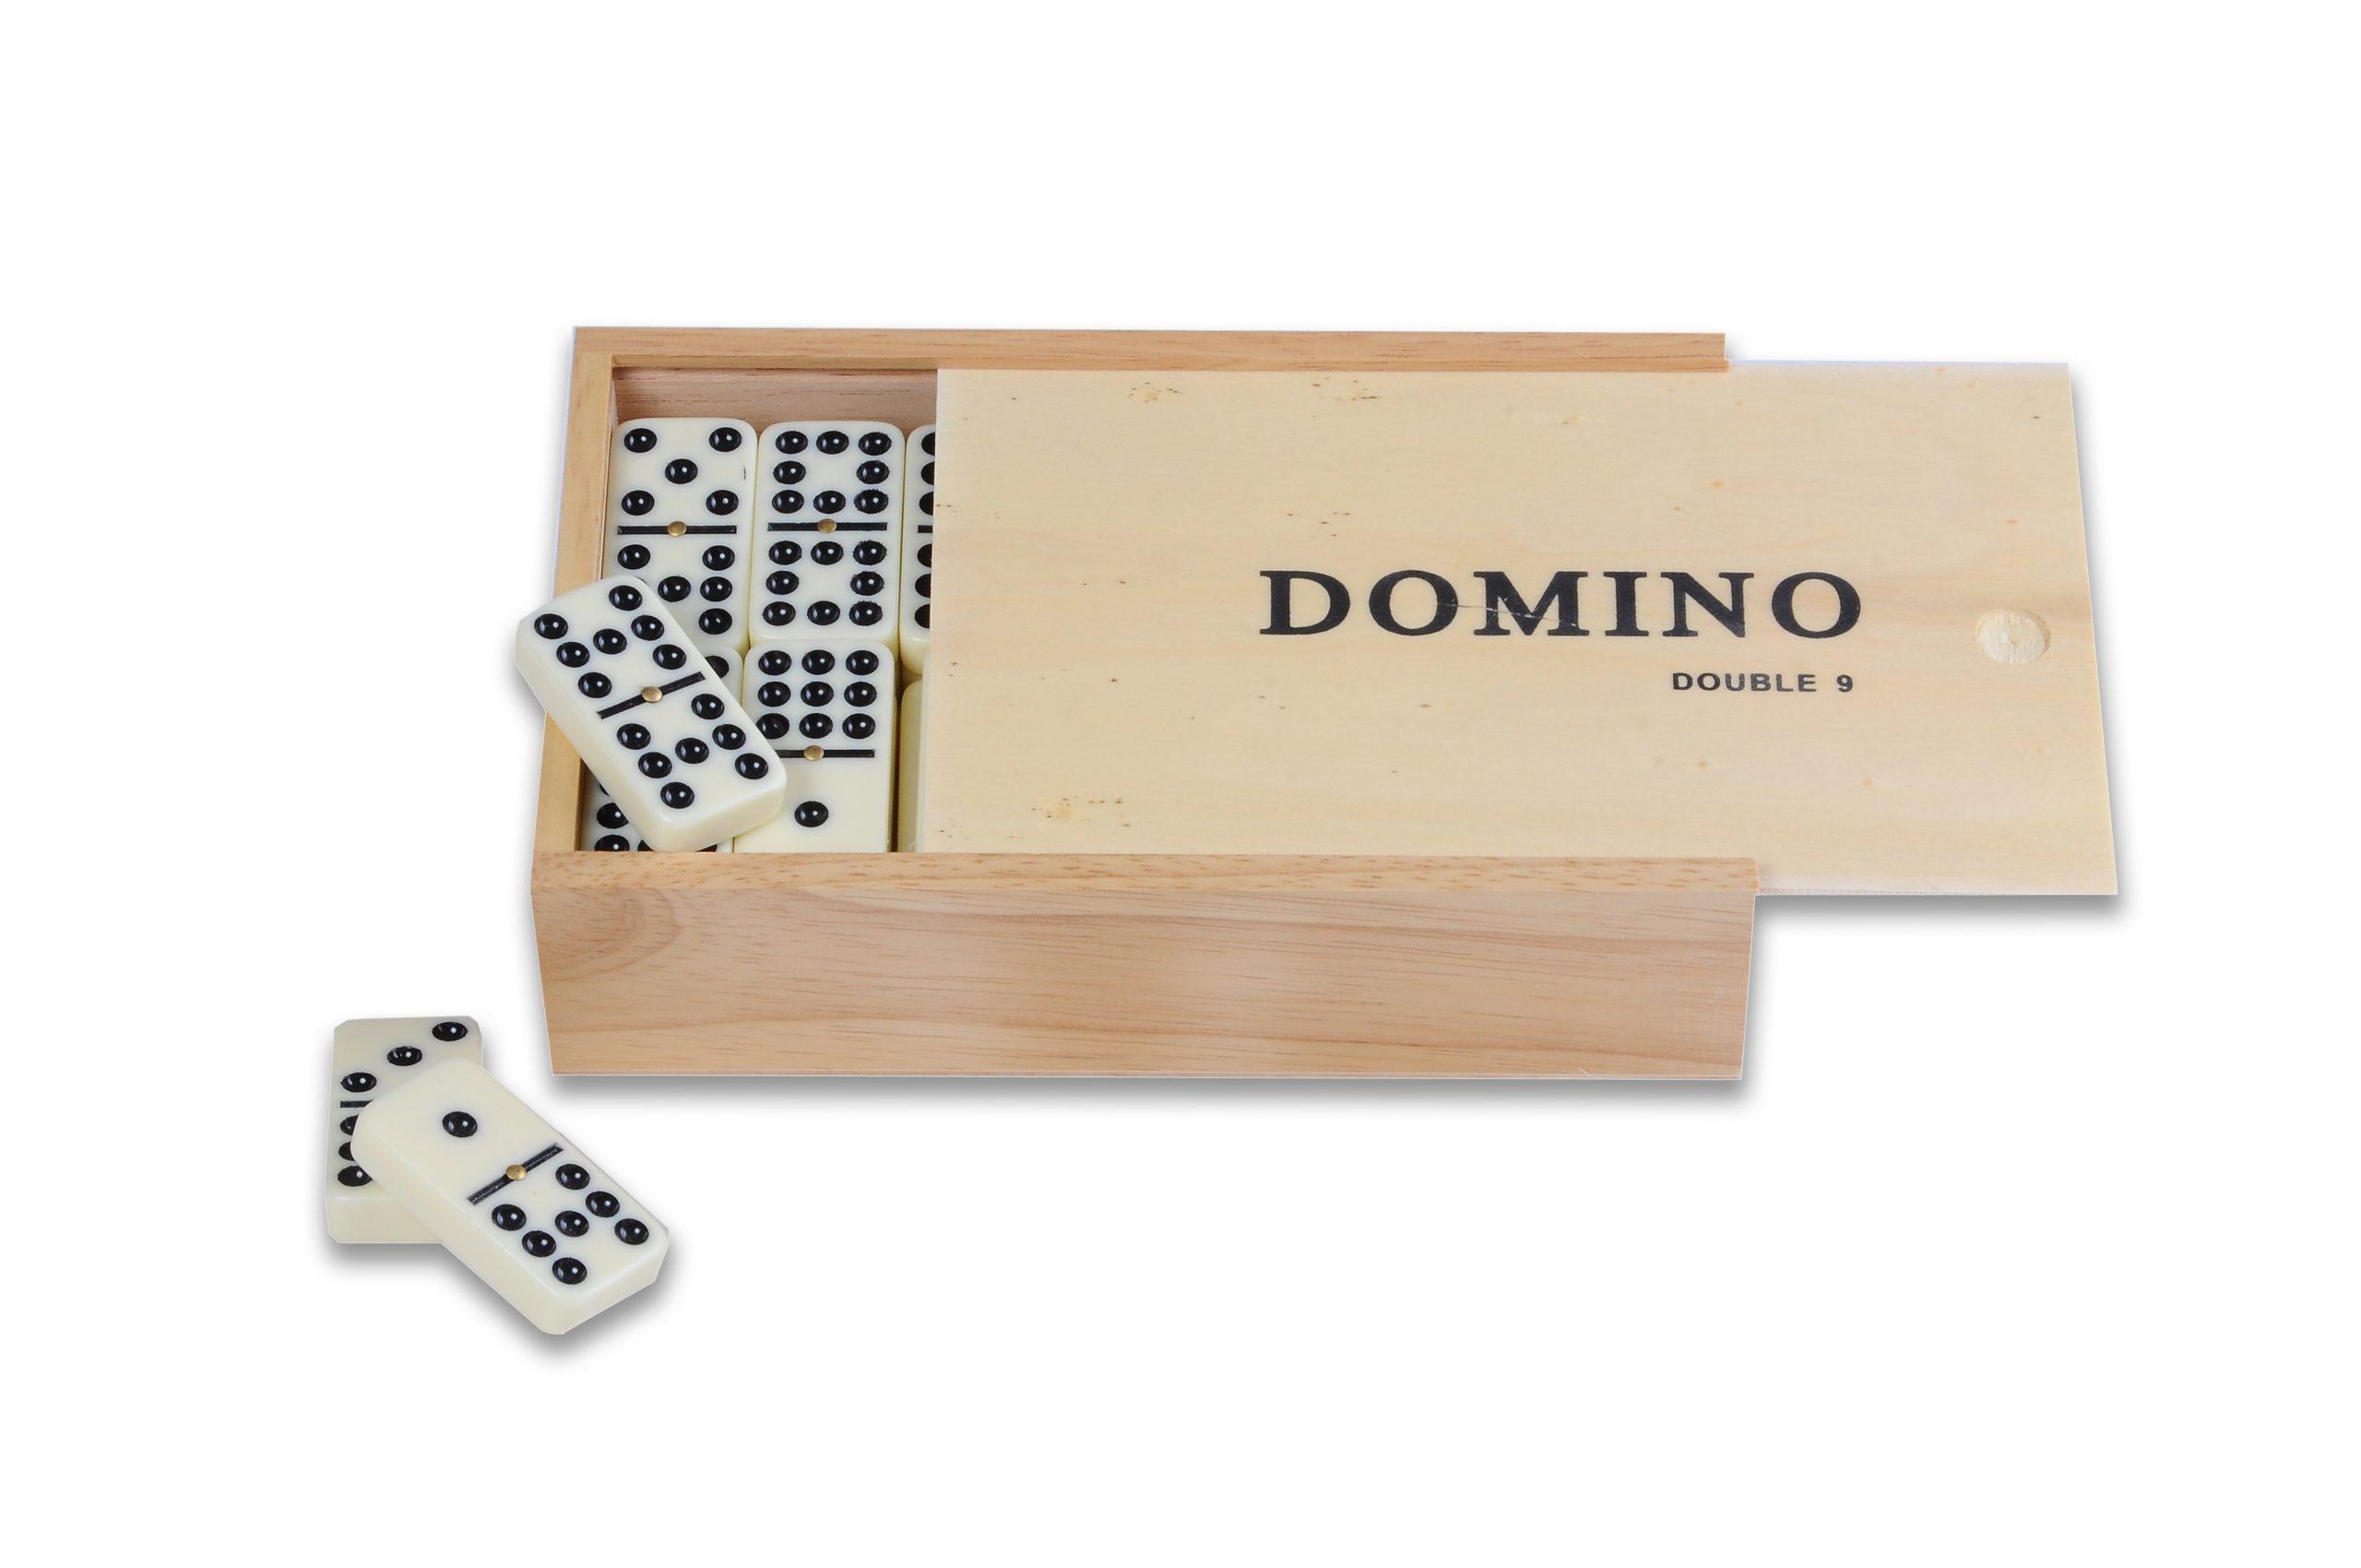 Grand Jeu De Dominos De Qualité Double Neuf Dans Une Belle Boite En Bois pour Jeu Du Domino